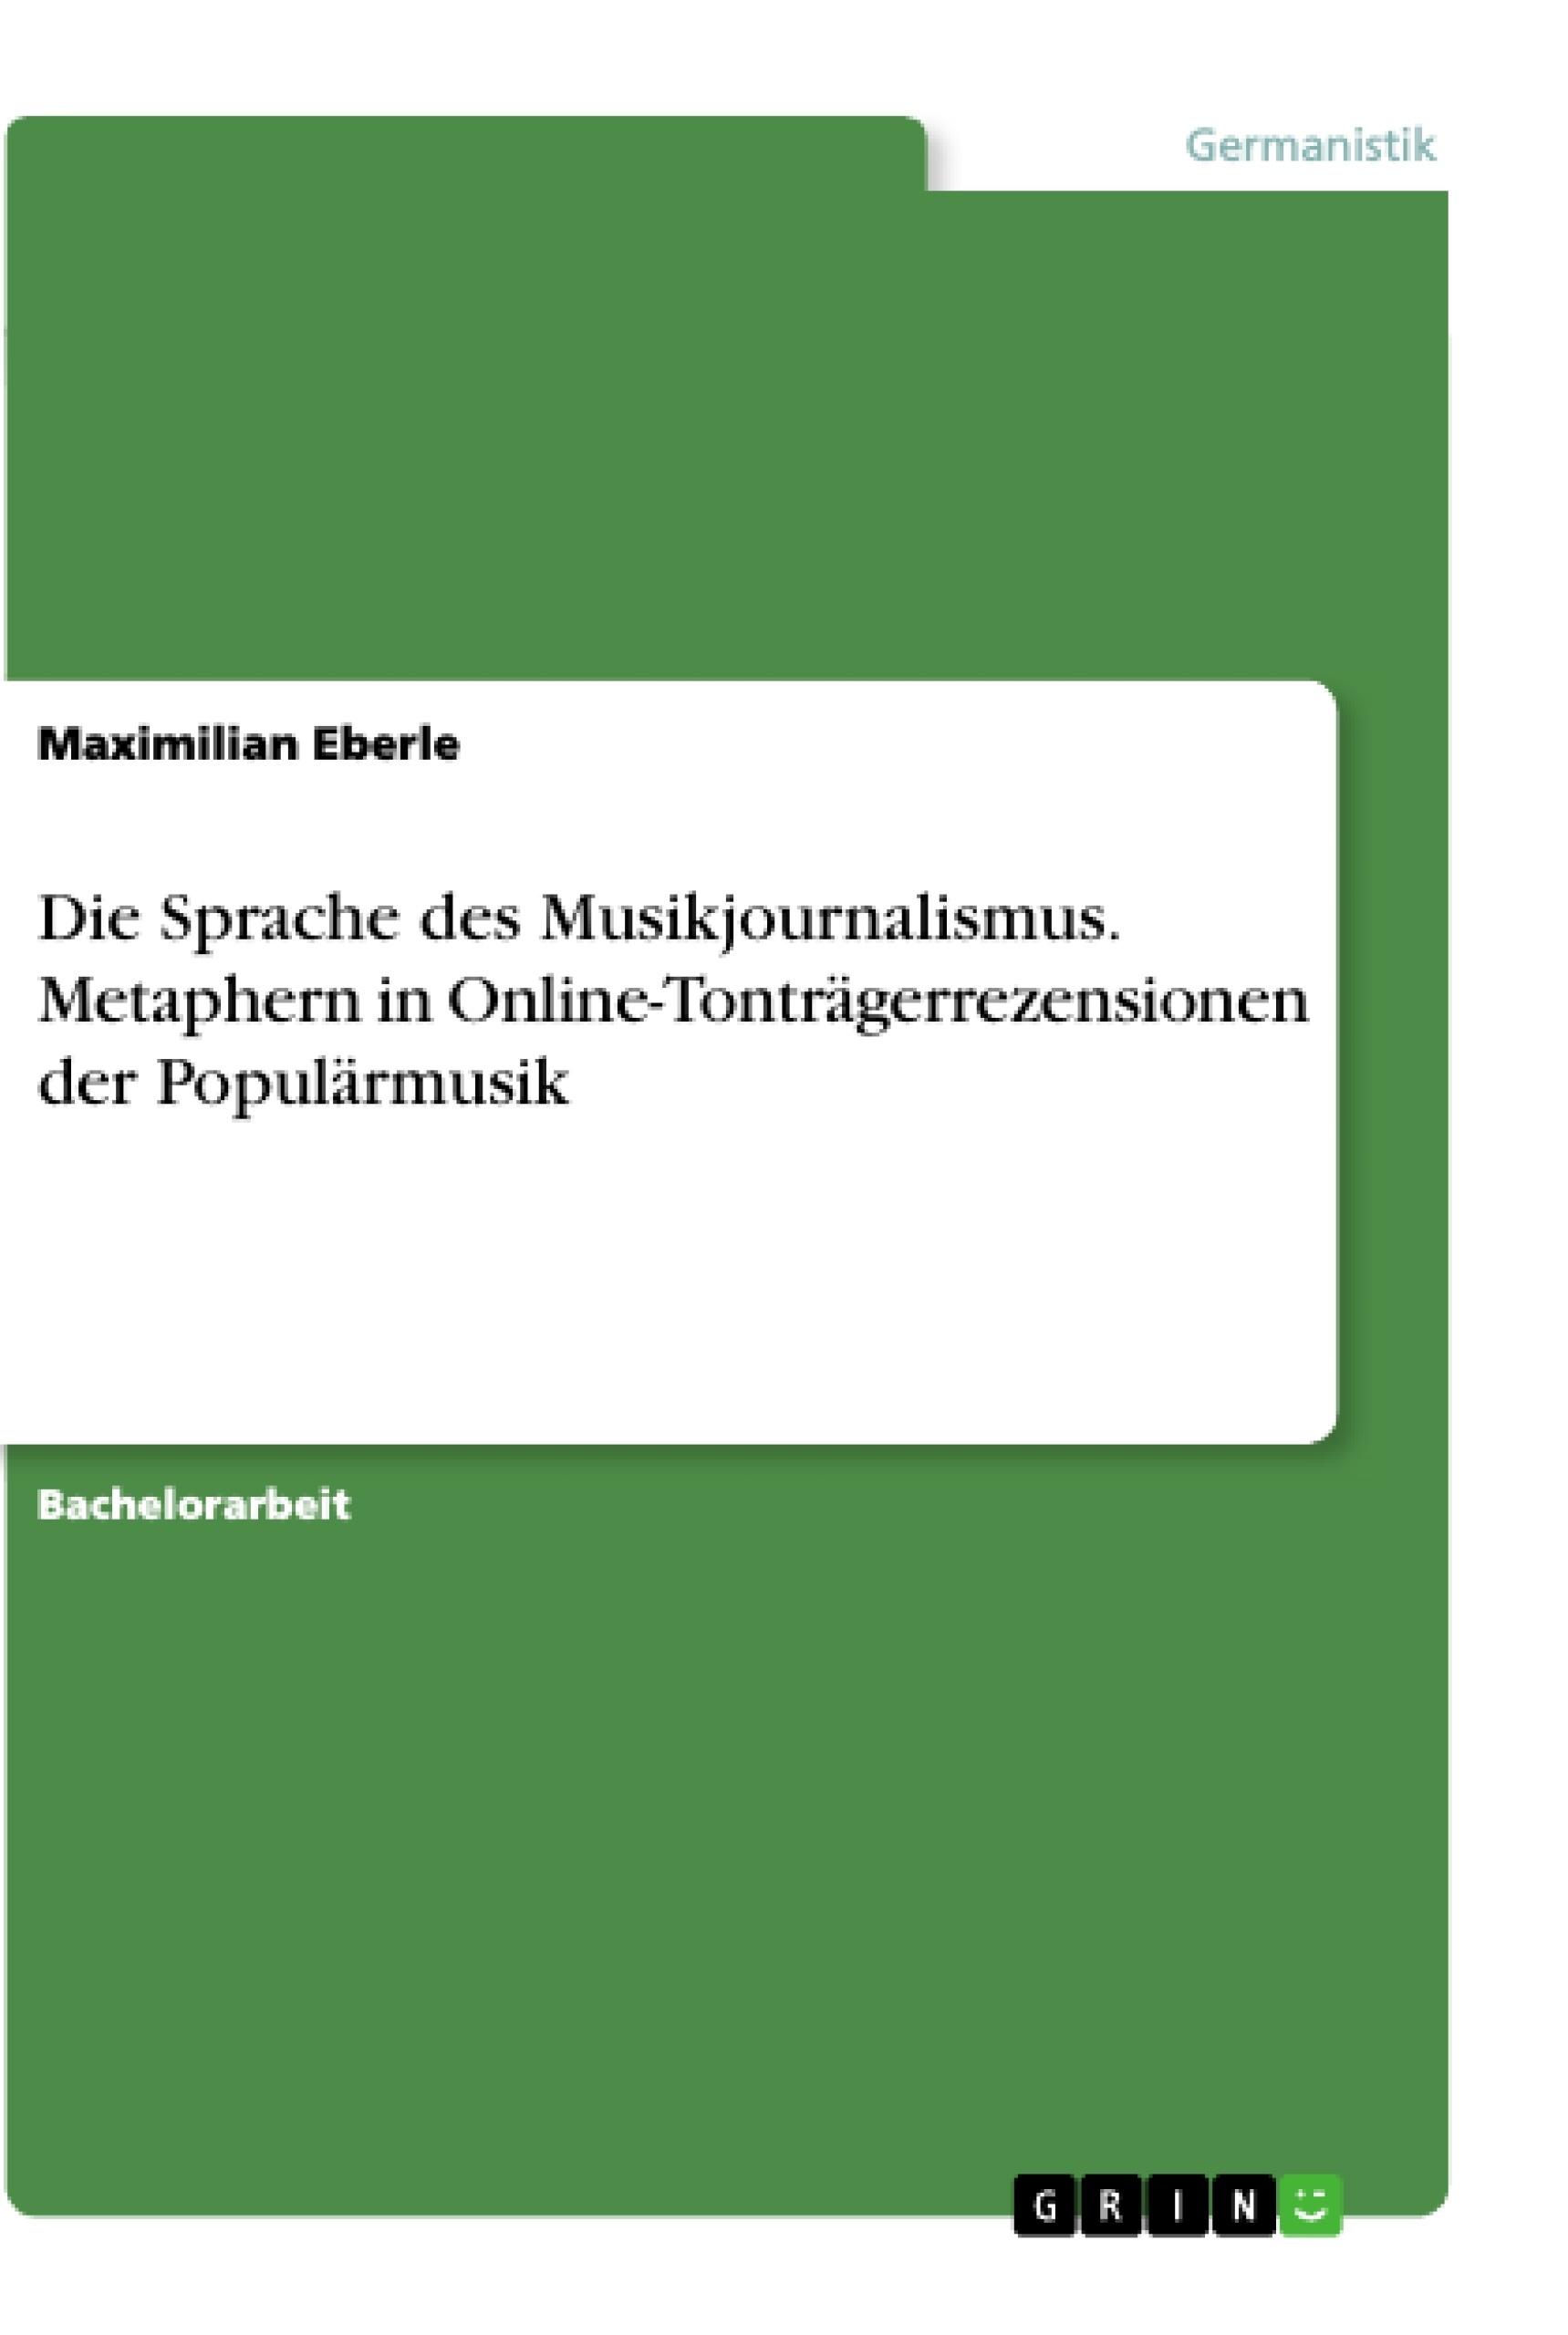 Titel: Die Sprache des Musikjournalismus. Metaphern in Online-Tonträgerrezensionen der Populärmusik